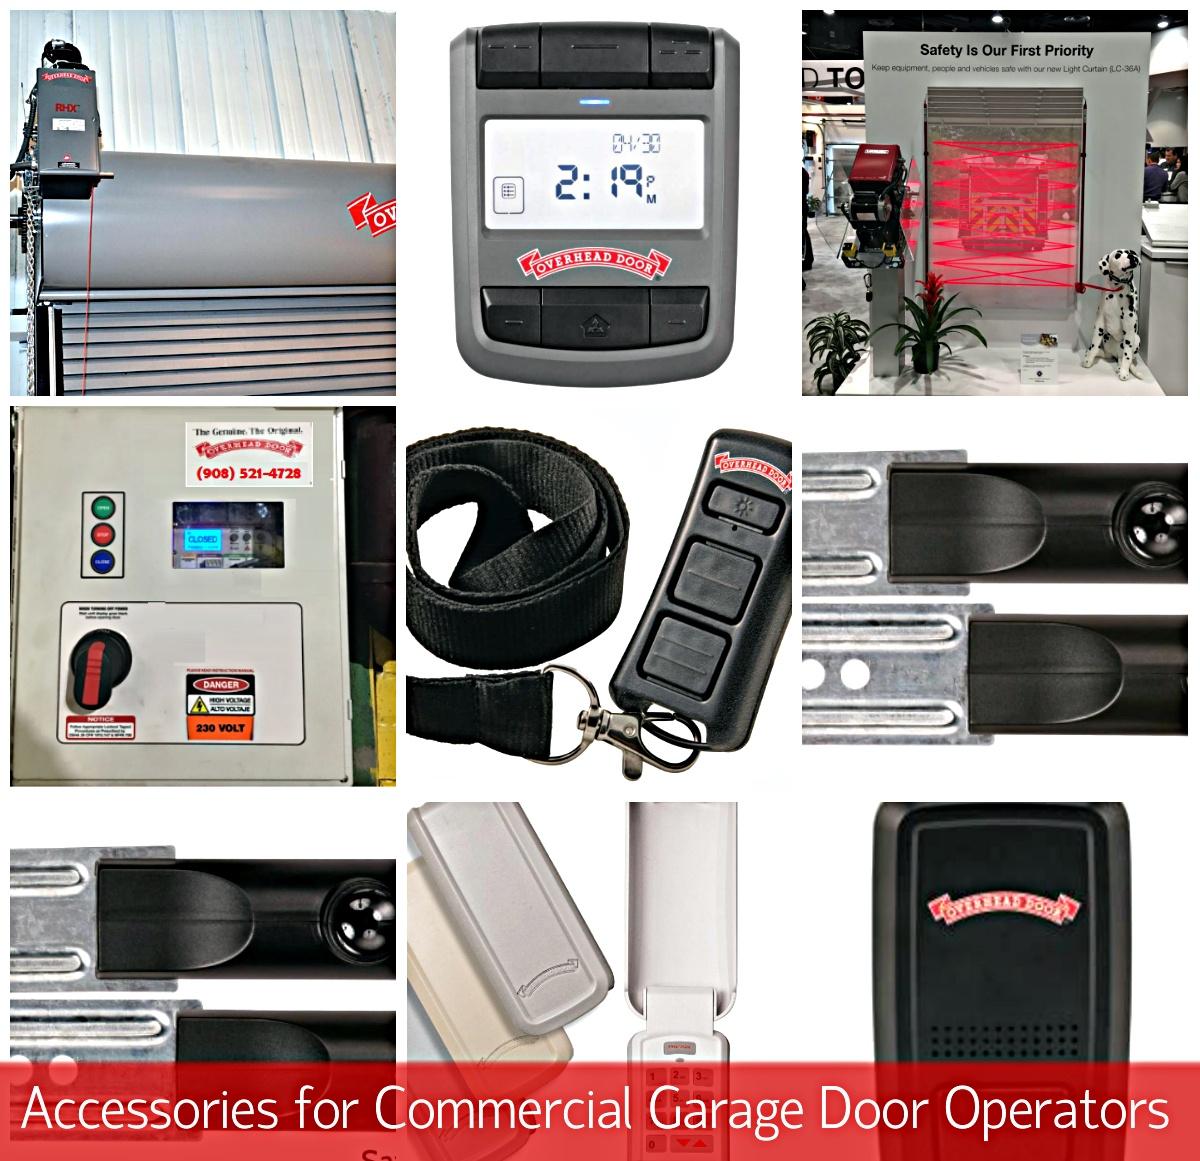 Accessories for Commercial Garage Door Operators